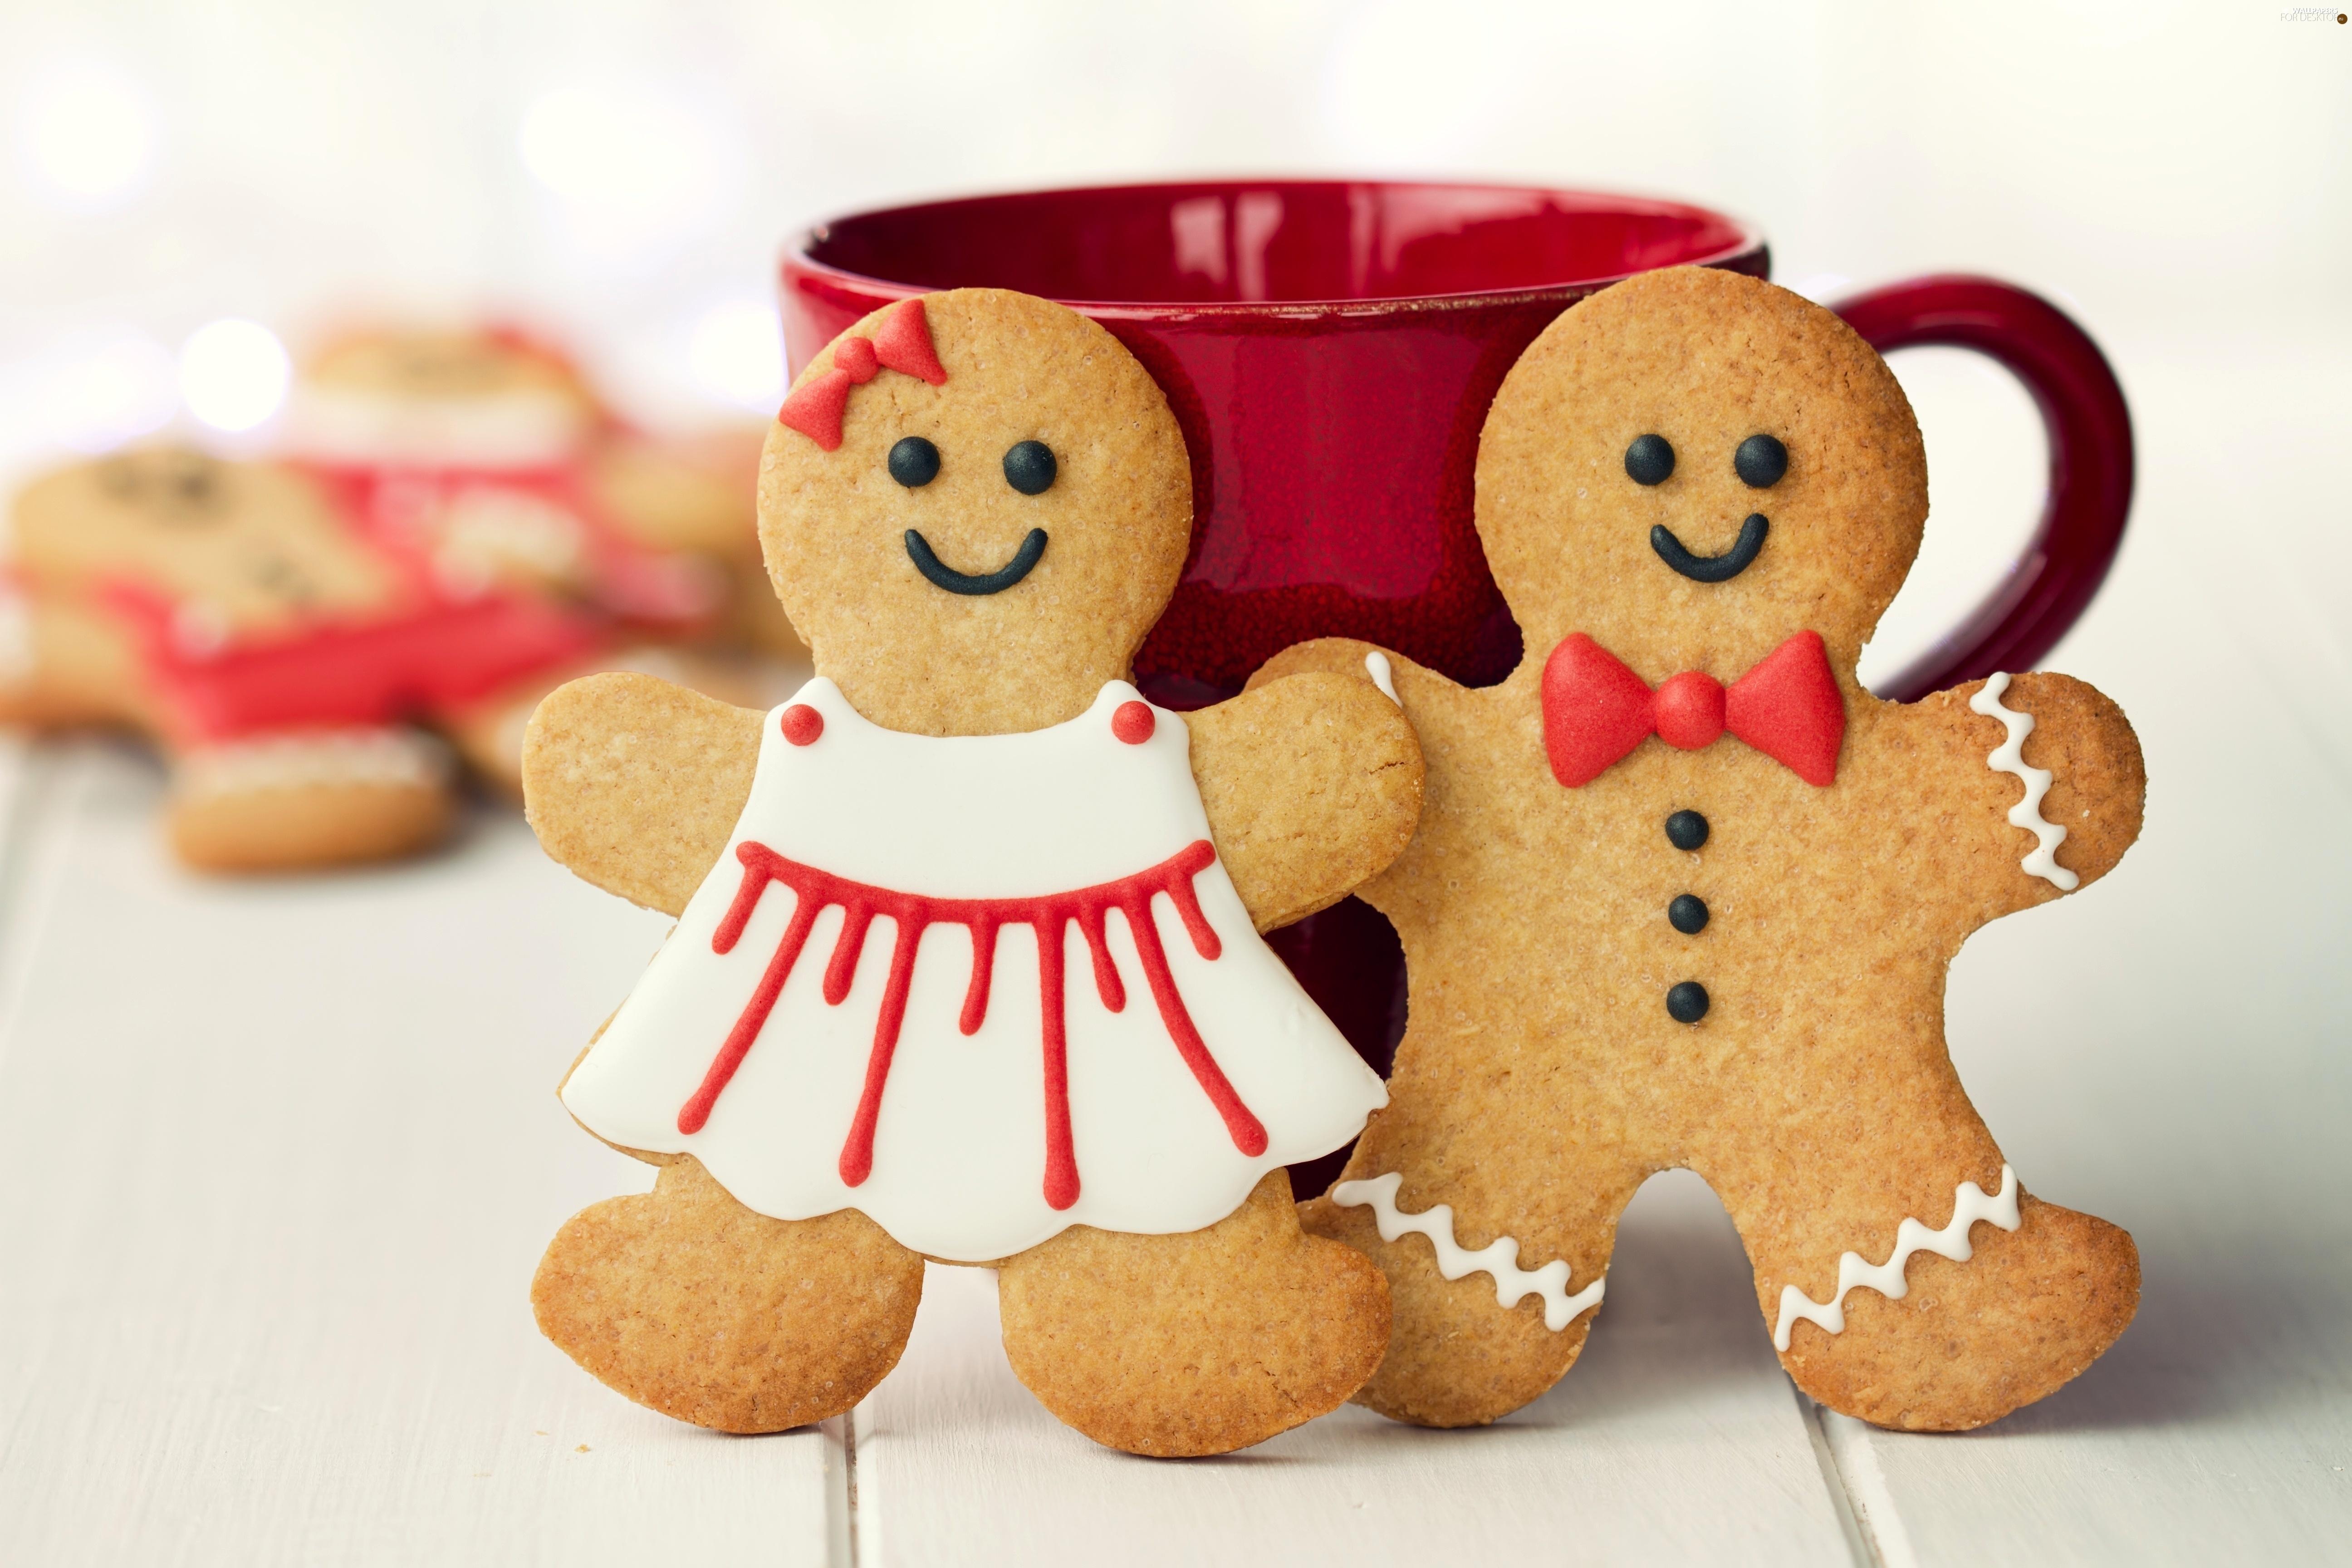 Gingerbread   For desktop wallpapers 5184x3456